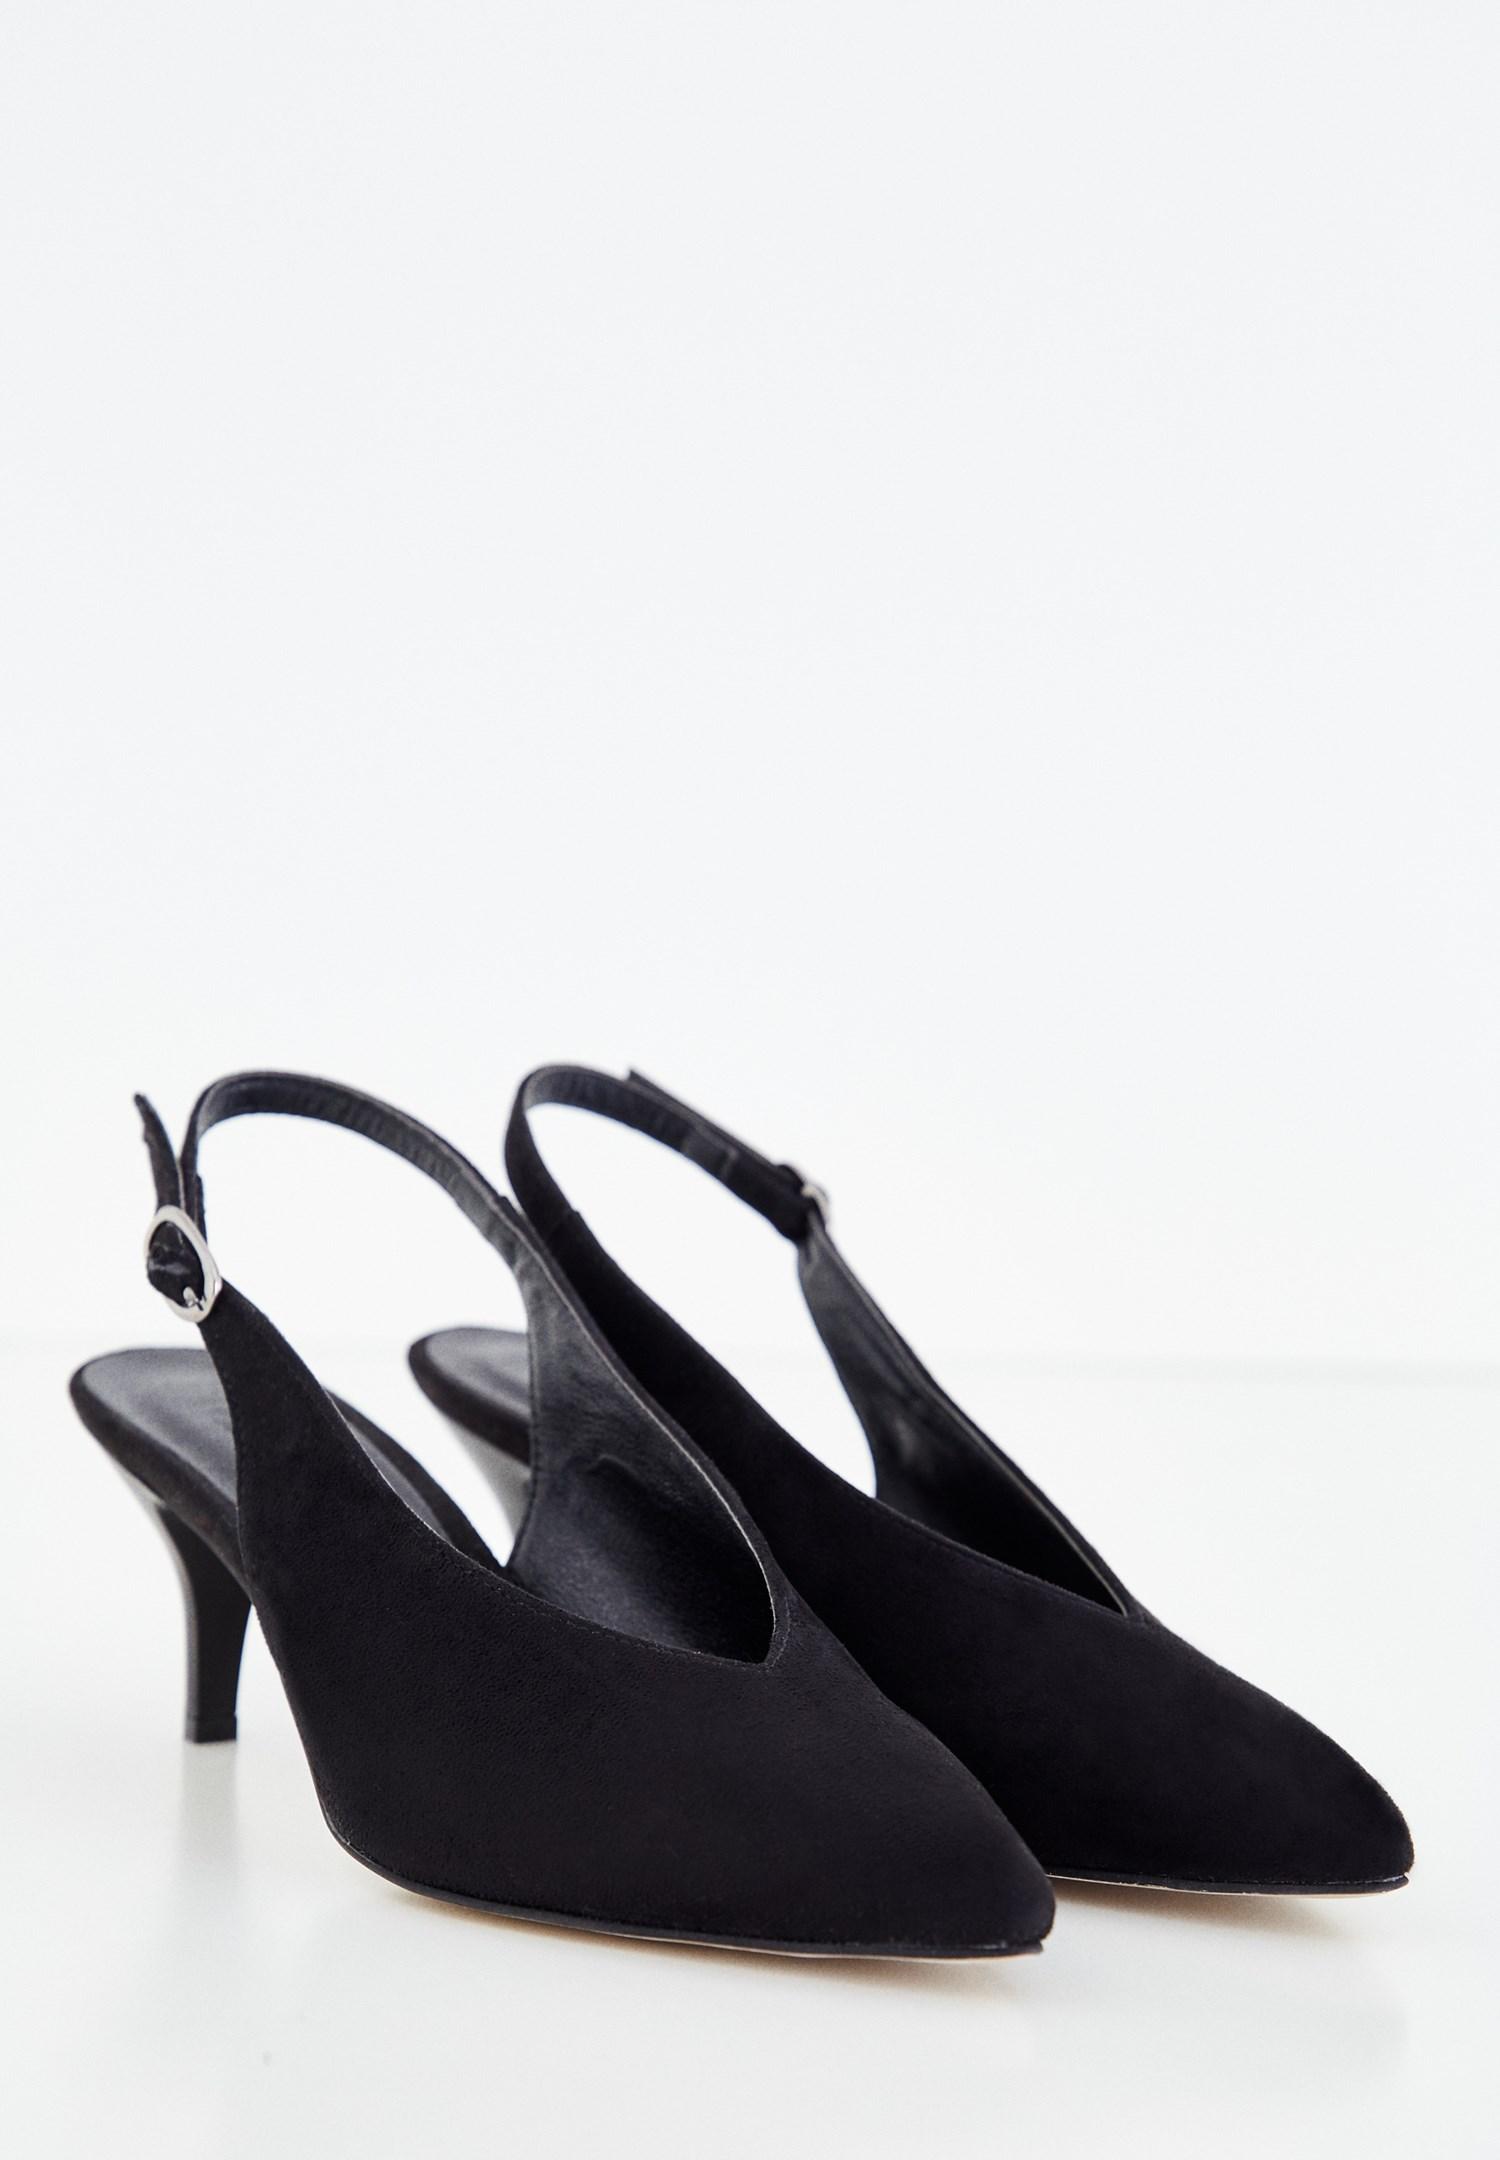 Bayan Siyah İnce Topuklu Sivri Burun Ayakkabı